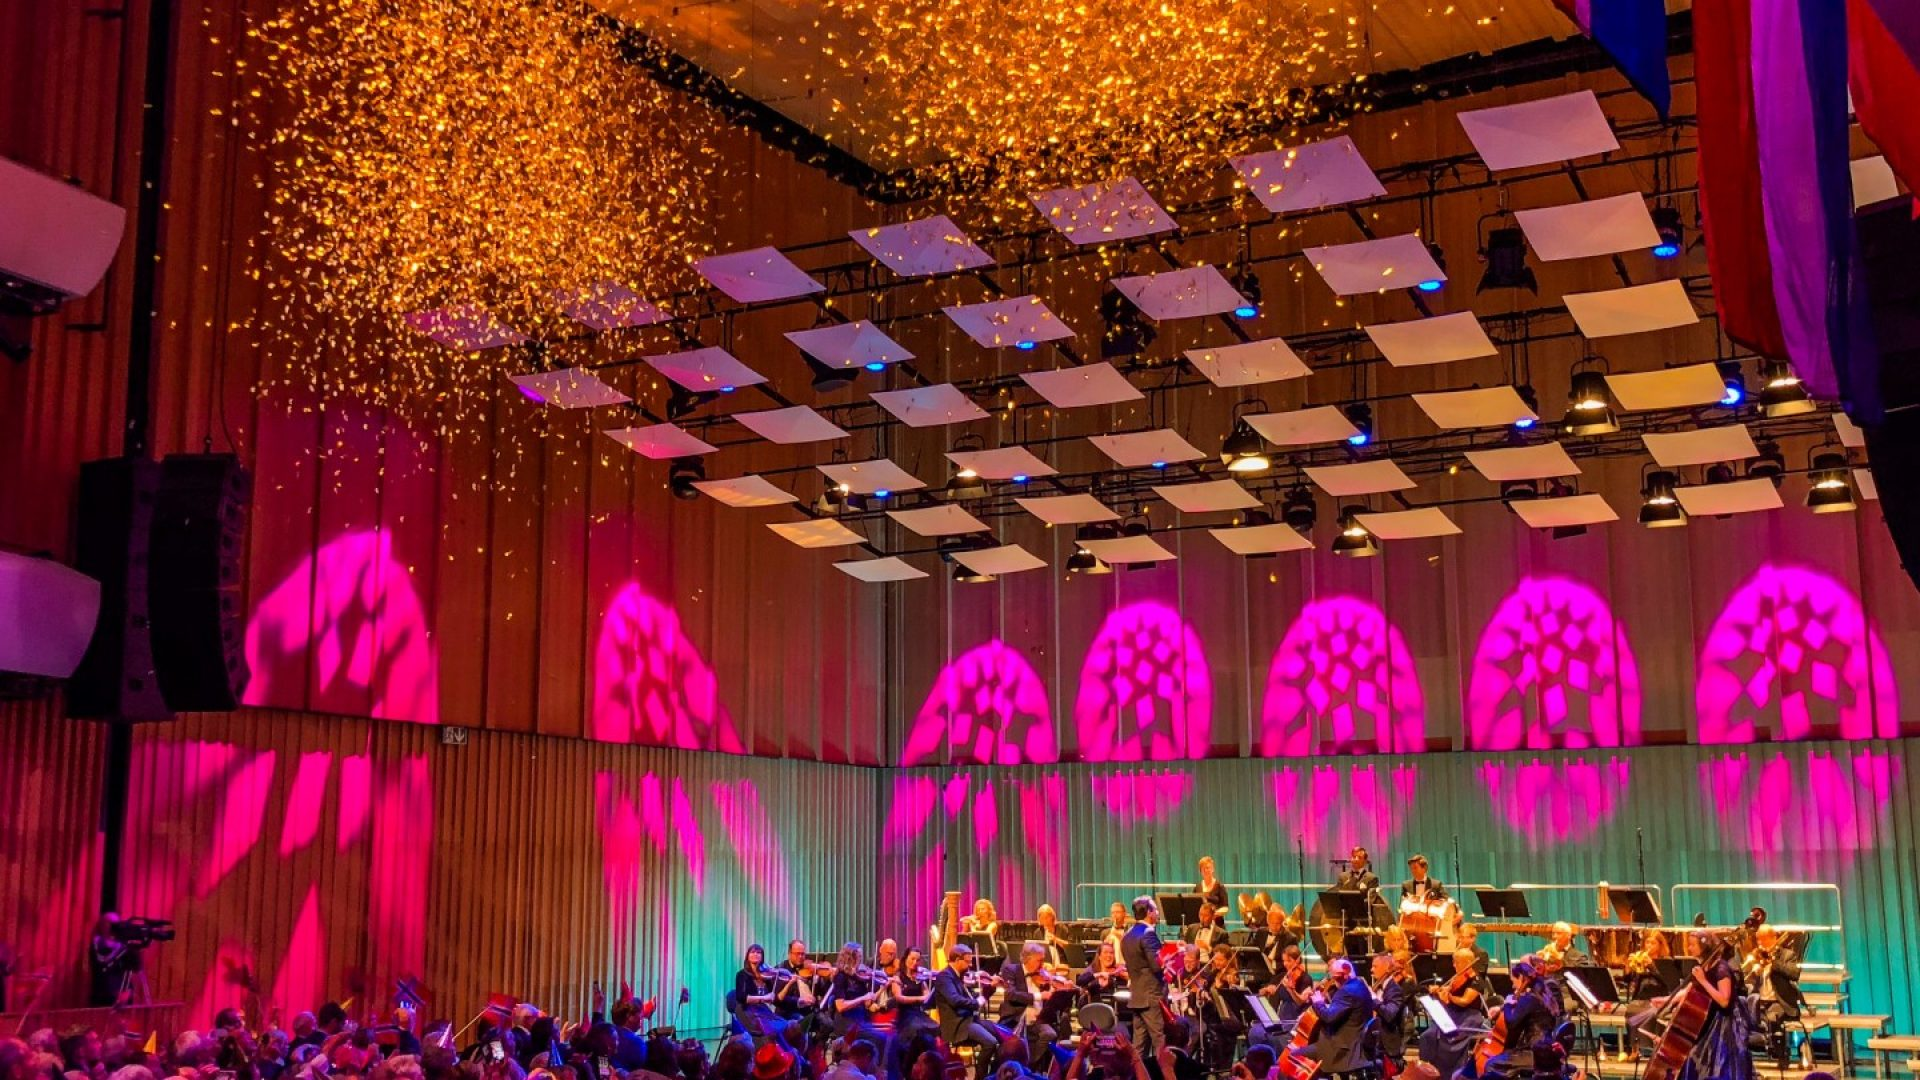 jublende publikum og konfetti i Stormen Konserthus